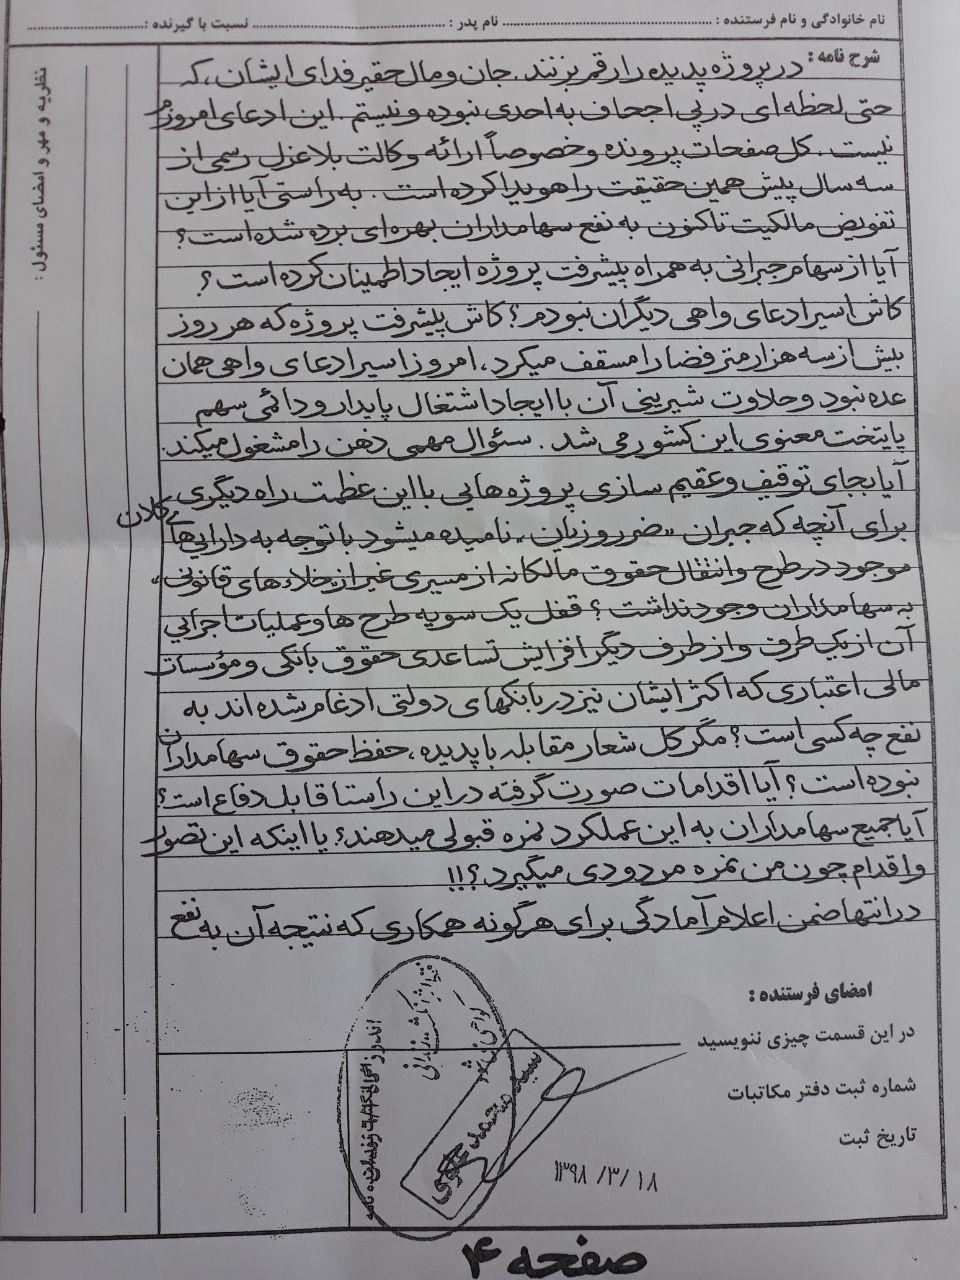 نامه سوم محسن پهلوان به قاضی منصوری - صفحه چهارم